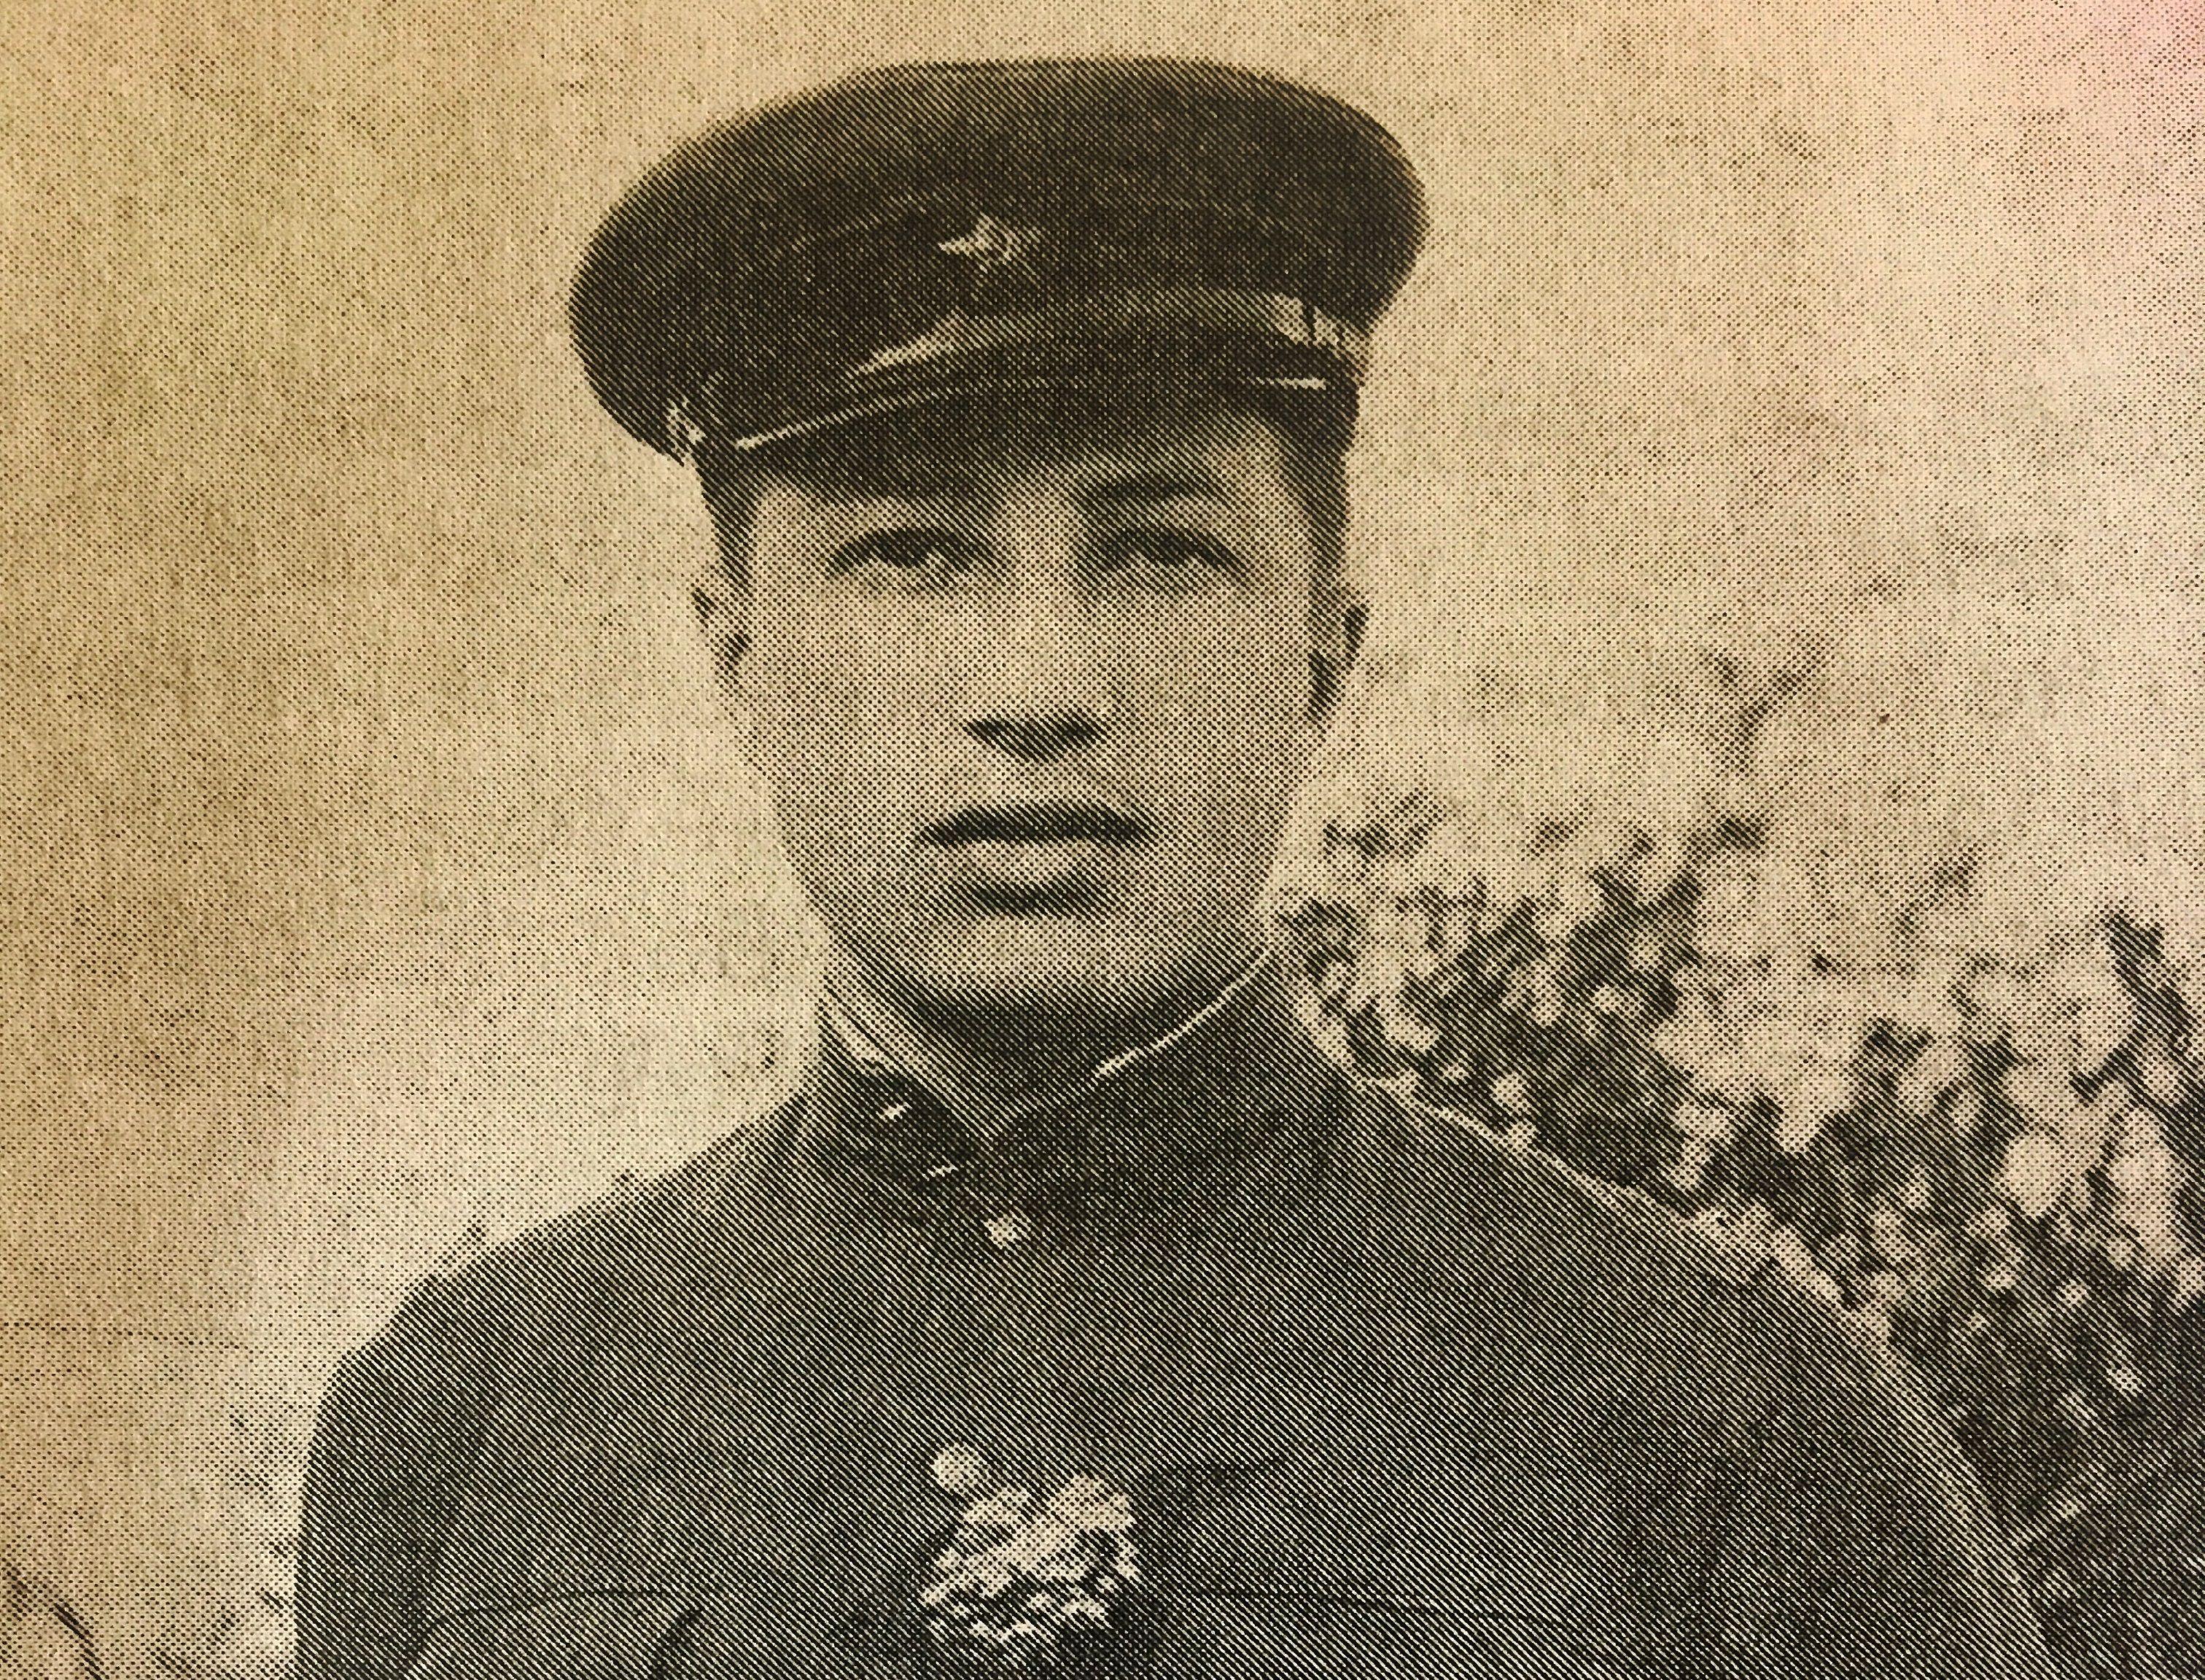 От артиллериста до радийщика: история ветерана из Чертанова Центрального